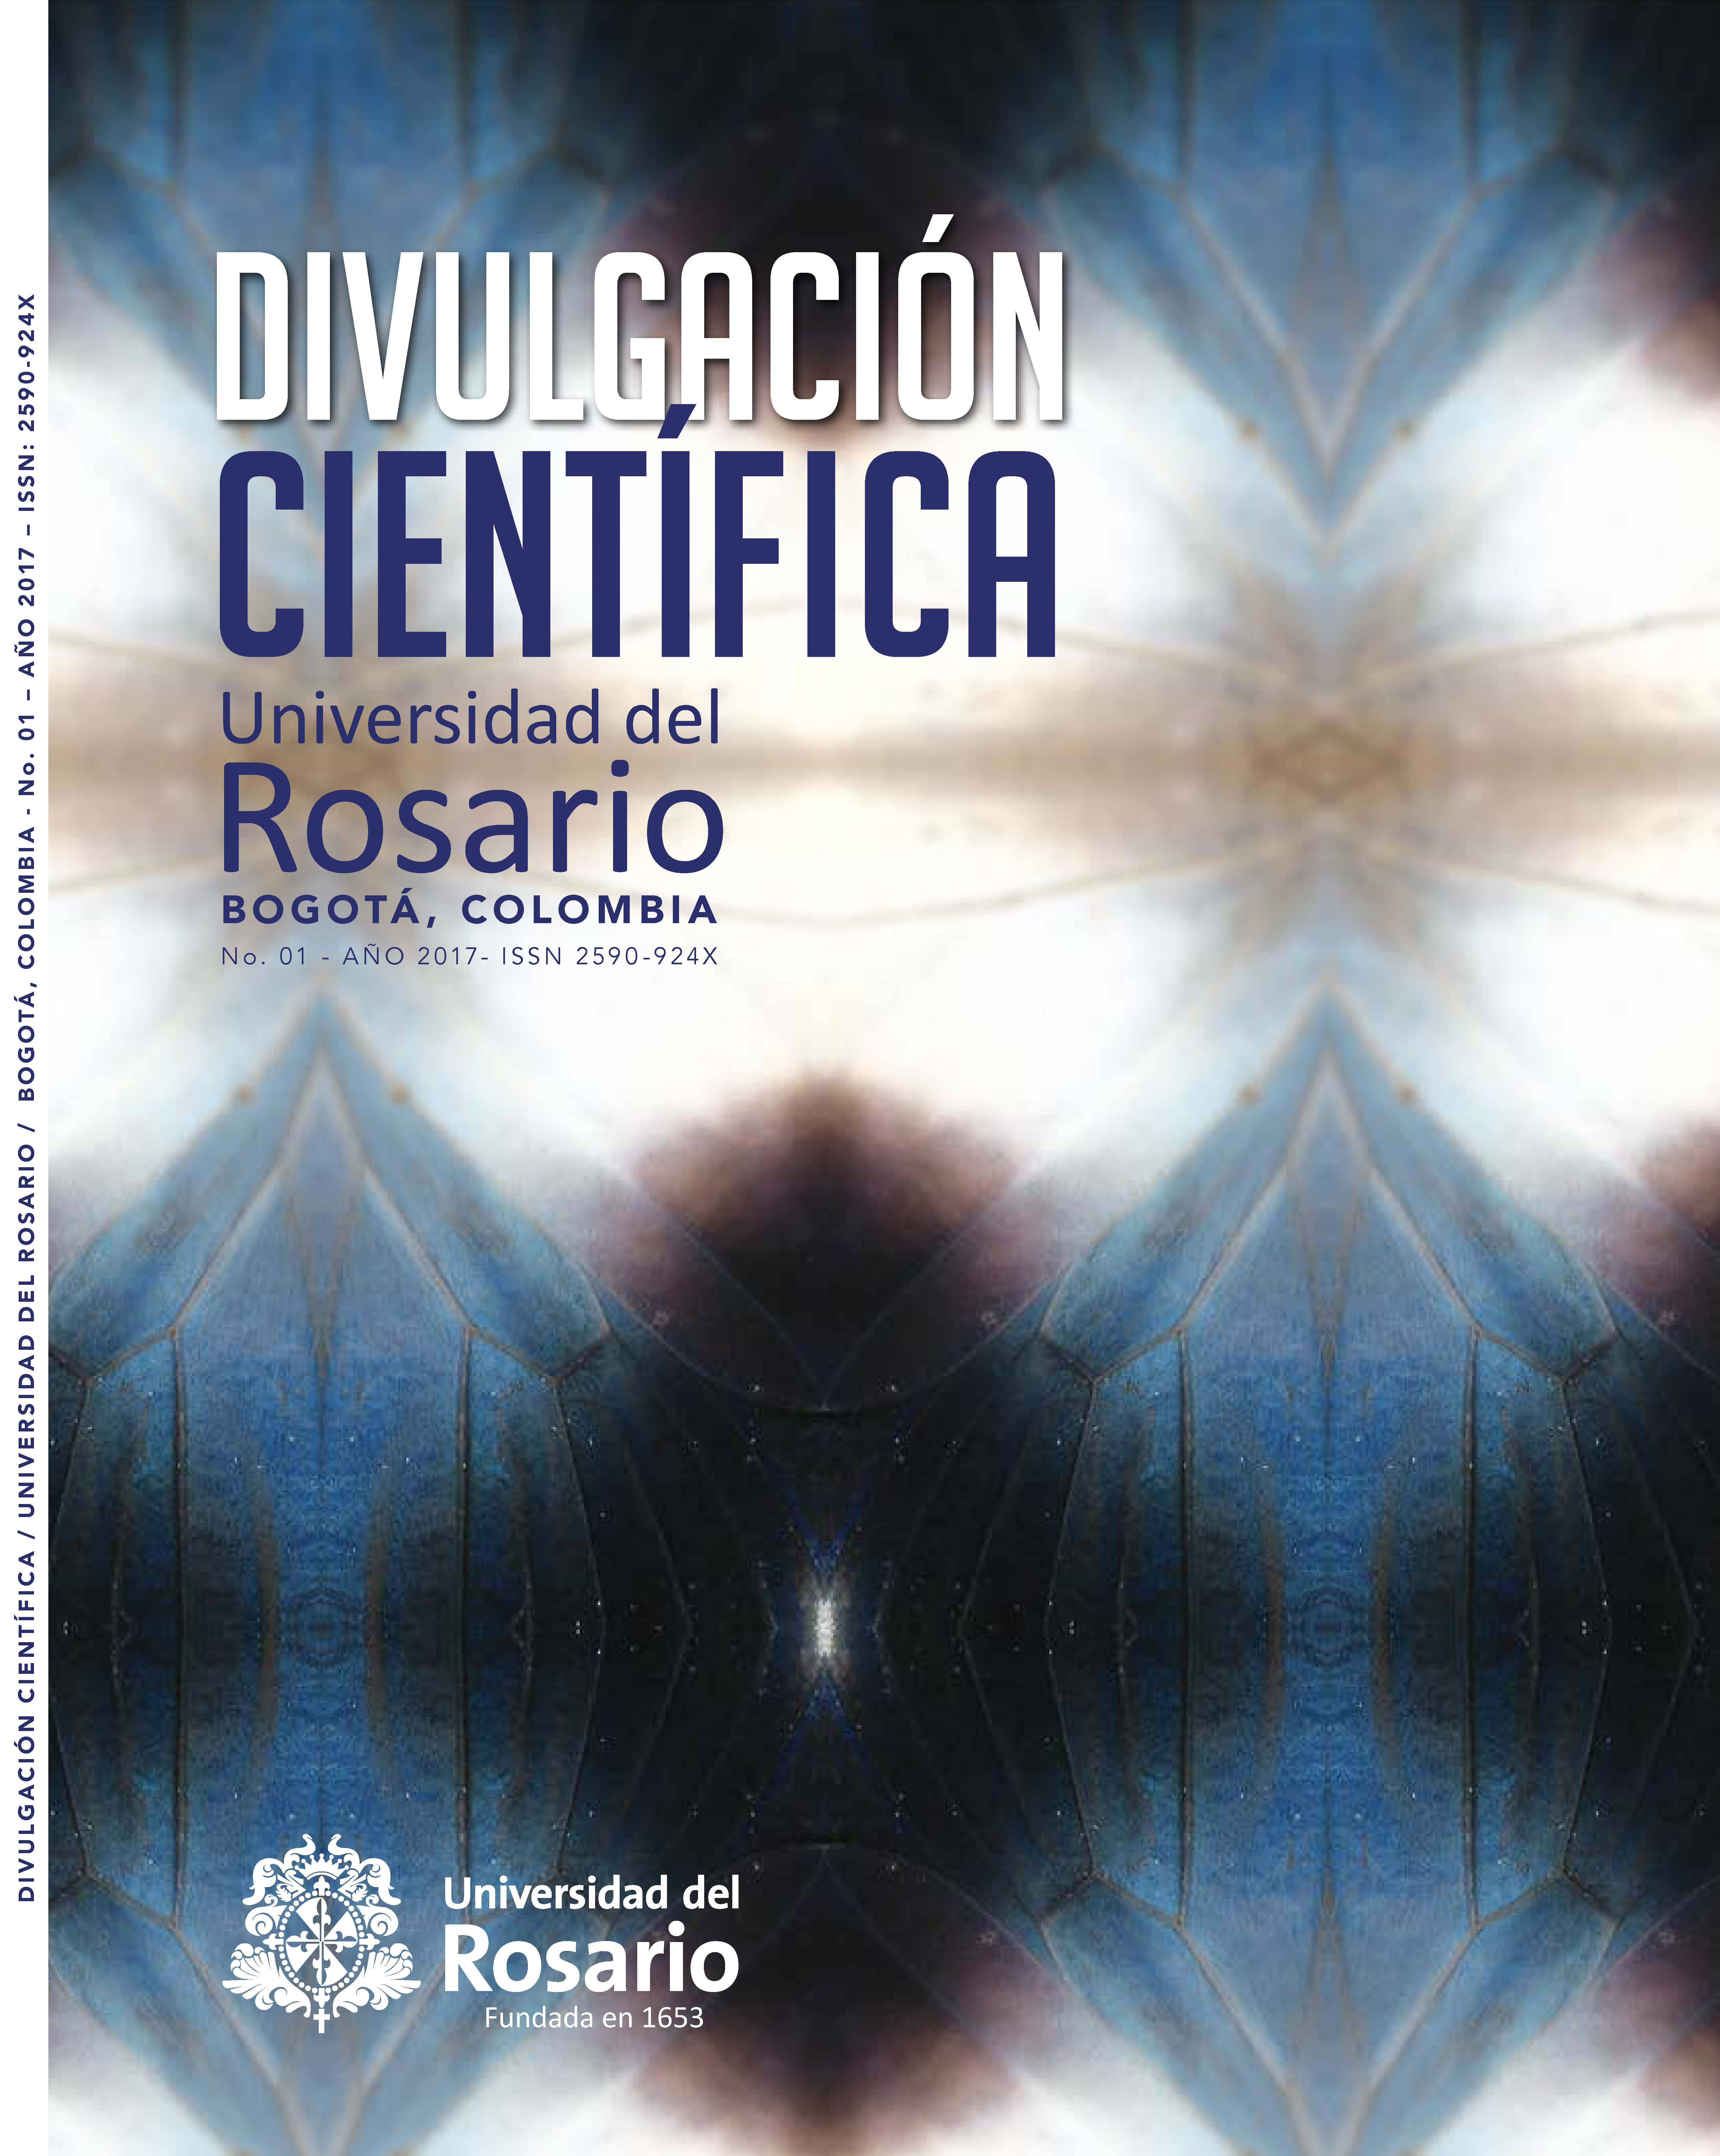 Divulgación científica, Universidad del Rosario No.01